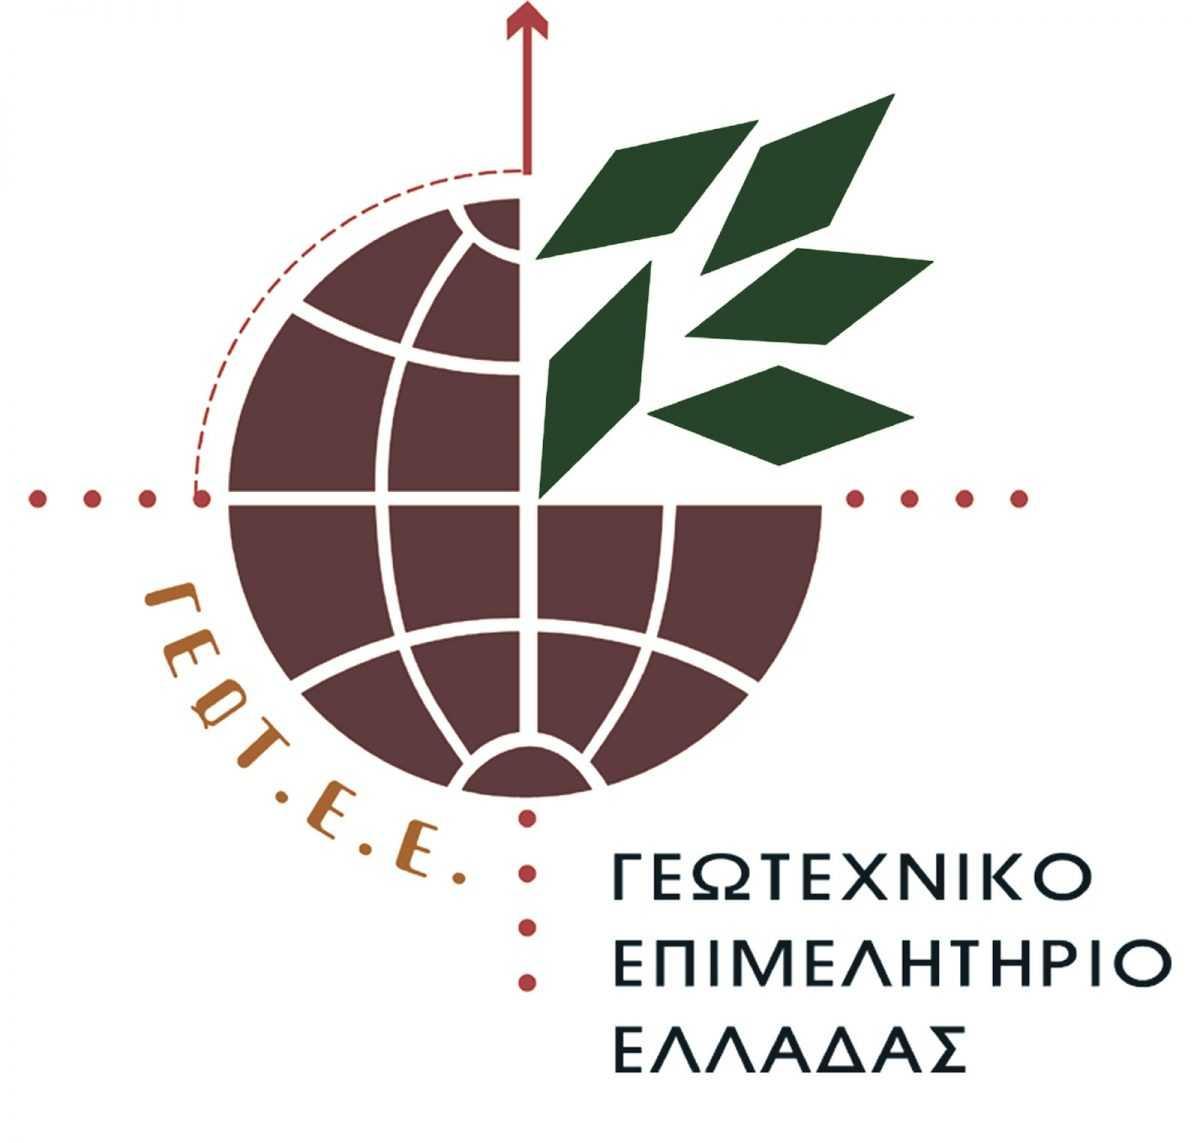 ΓΕΩΤ.Ε.Ε./Π.Δ.Μ.: Αίτημα για παράταση συμβάσεων των Γεωτεχνικών ΕΛ.Γ.Α. της ΣΟΧ 2/2018